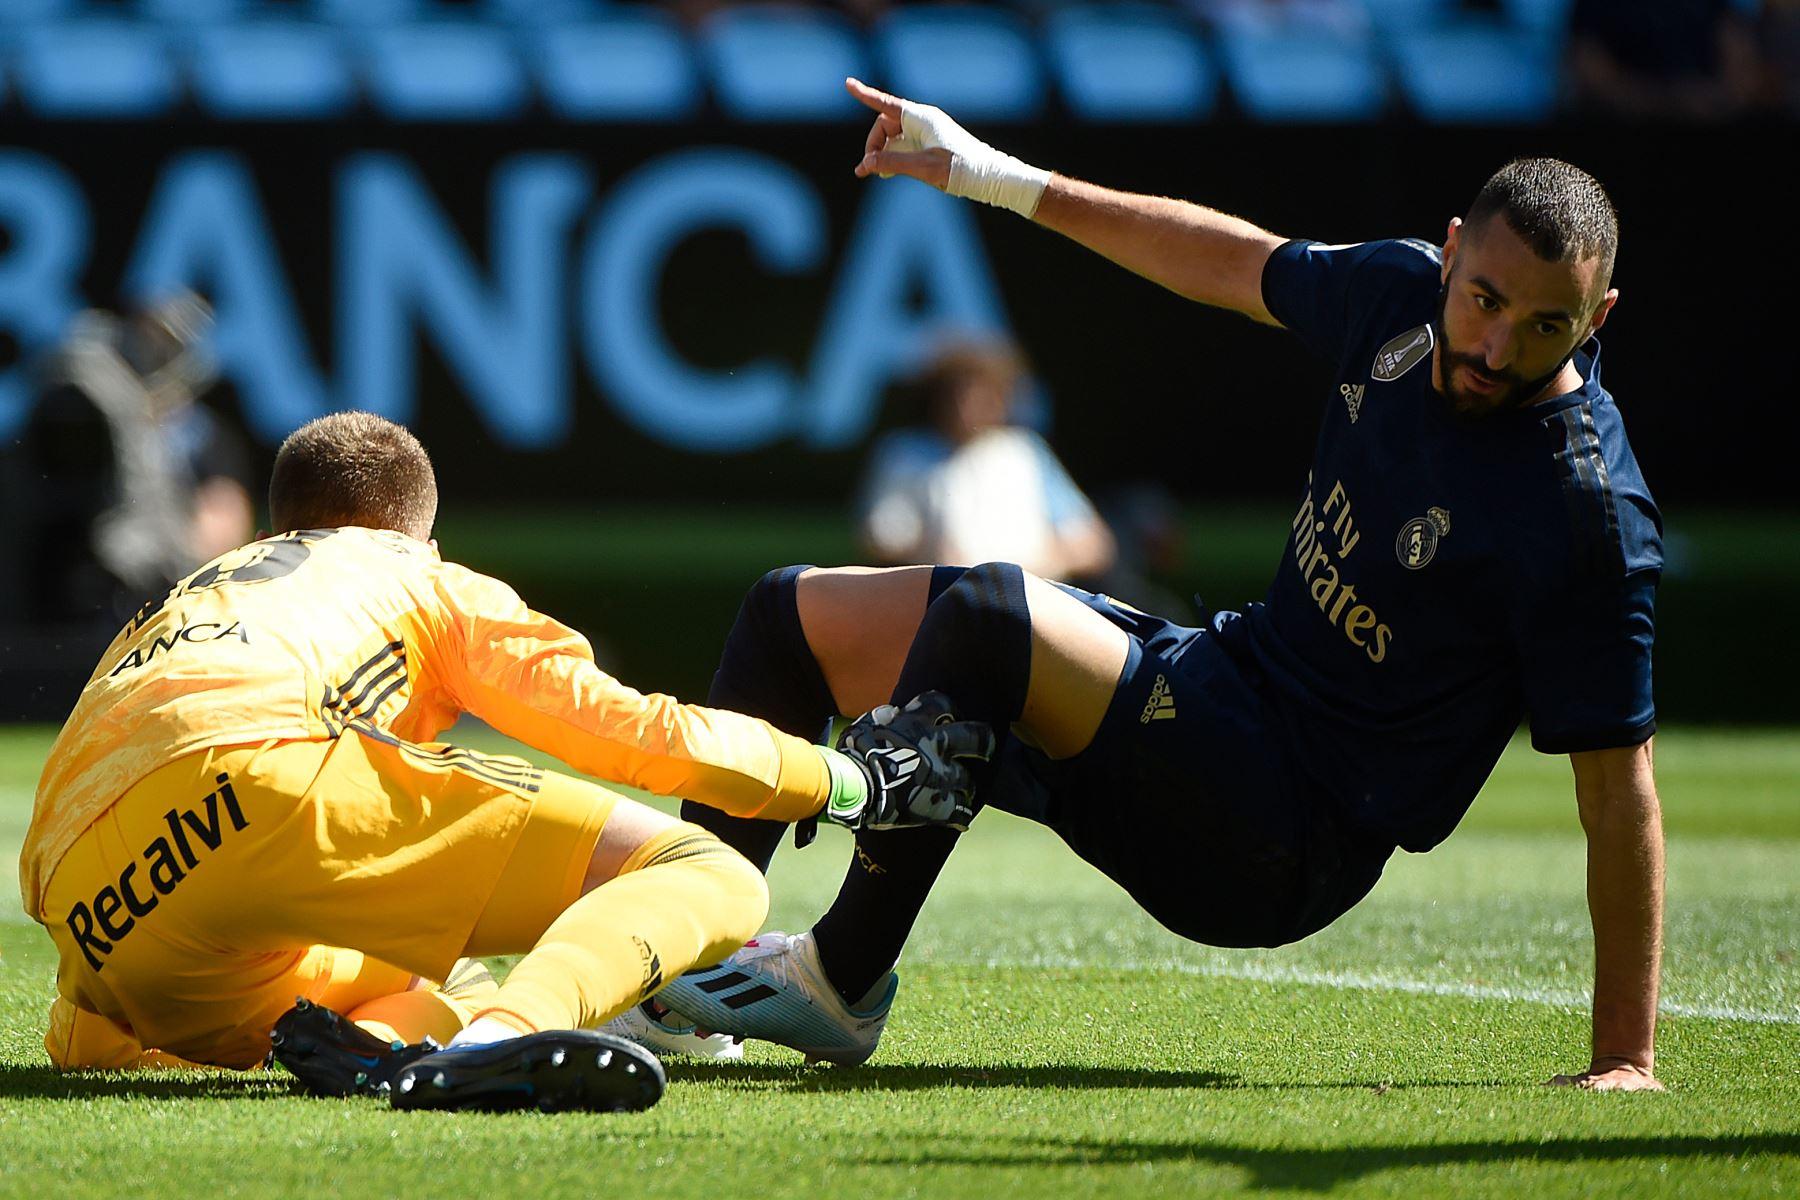 El delantero francés del Real Madrid Karim Benzema celebra después de marcar un gol al arquero español del Celta Vigo Rubén Blanco Veiga (L) durante el partido de fútbol de la Liga española entre el Celta Vigo y el Real Madrid. Foto: AFP